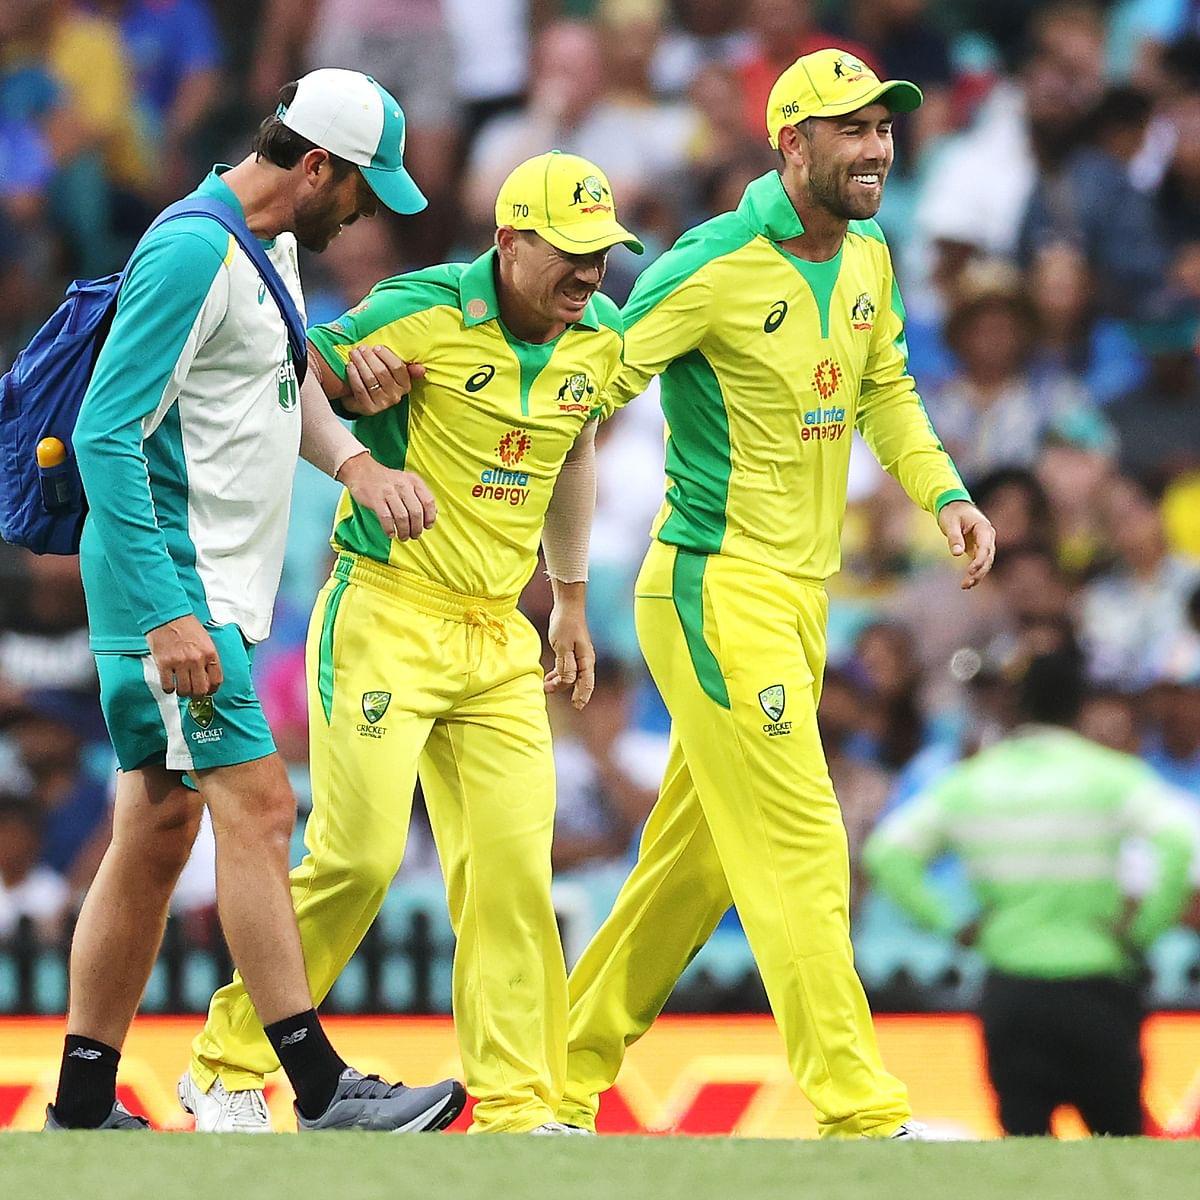 Aus vs Ind 2nd ODI: David Warner hurts groin, to undergo scan